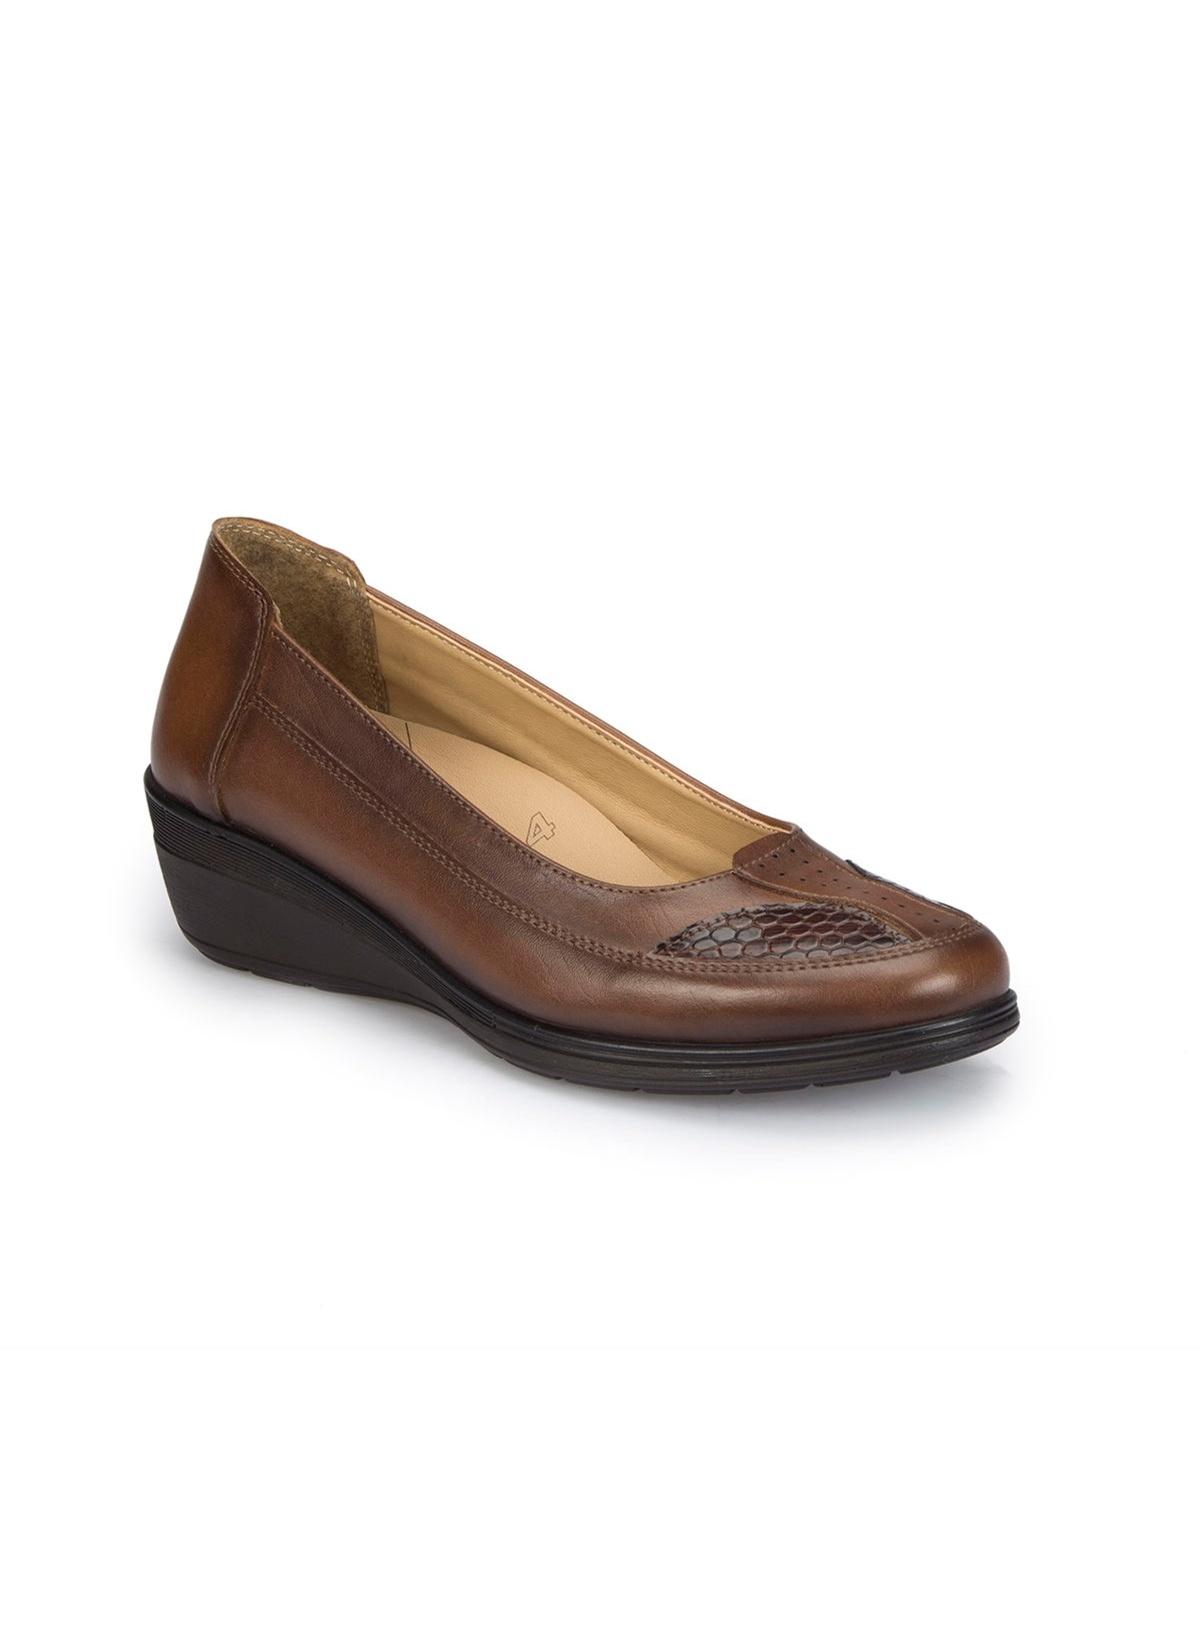 Polaris Ayakkabı 81.111005.z Basic Comfort – 62.49 TL